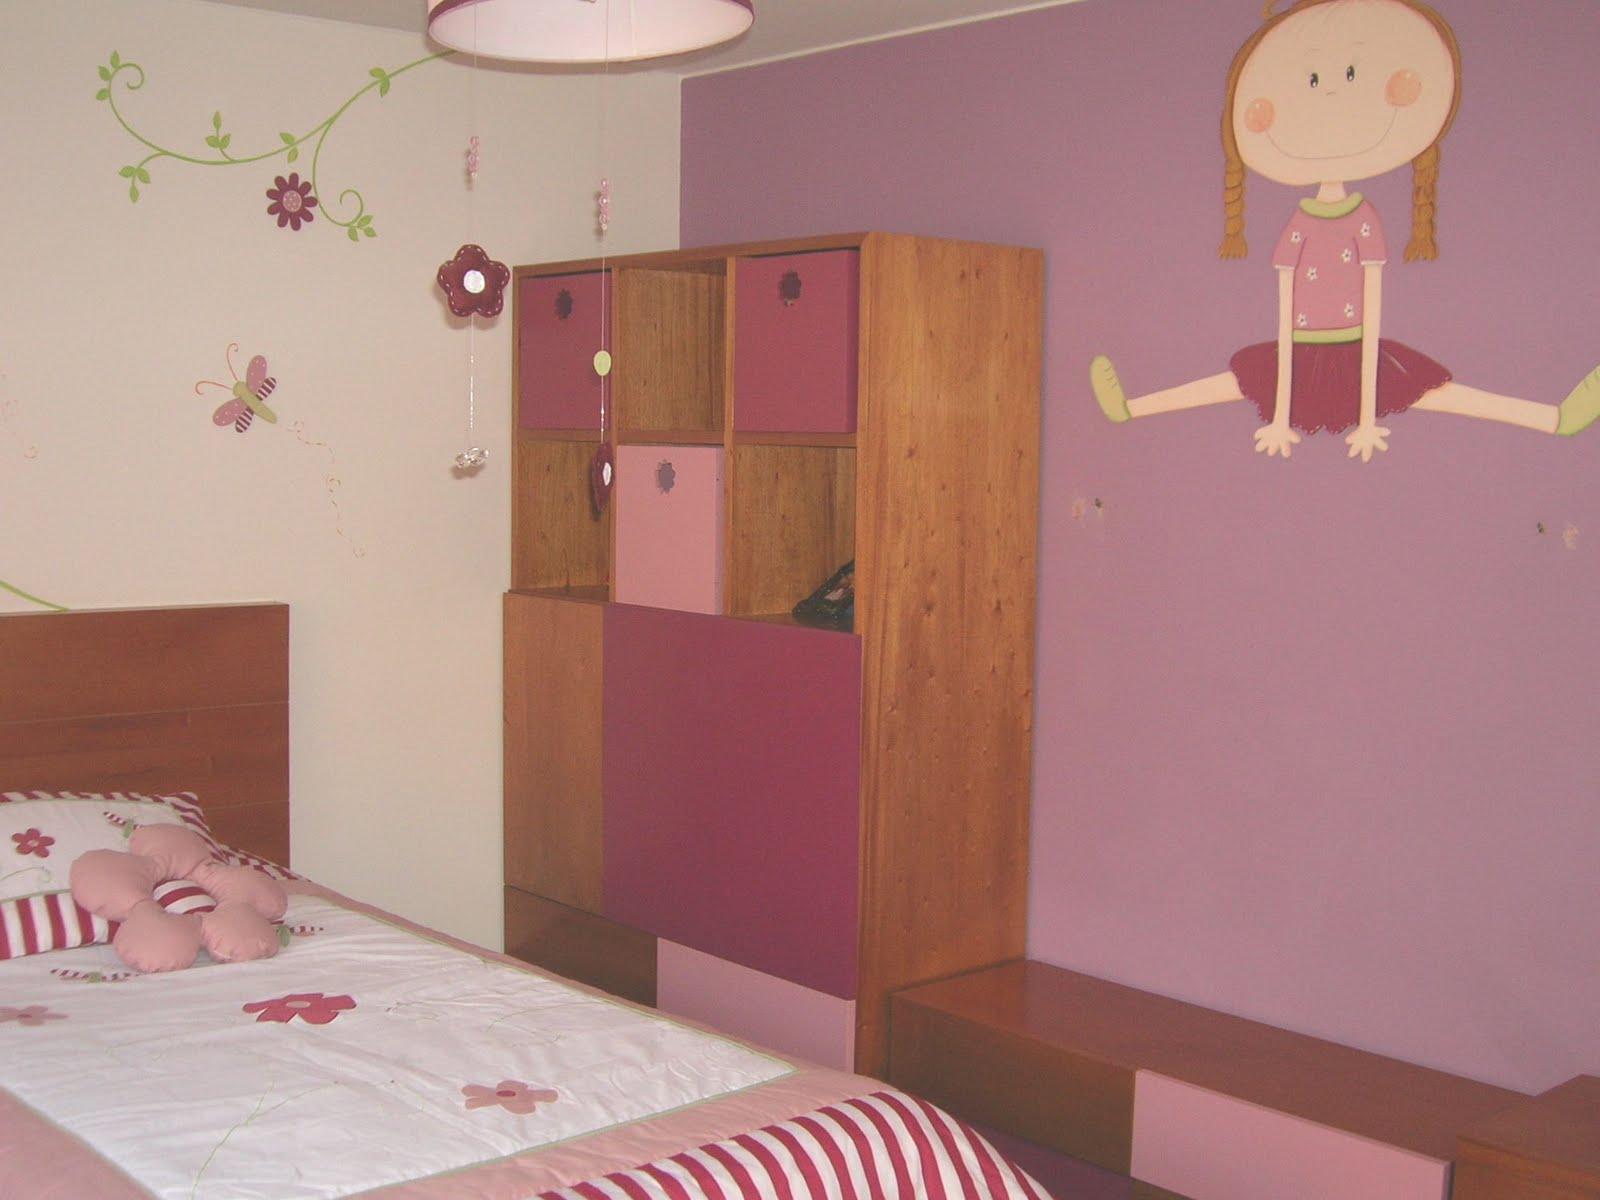 Dise o de interiores dormitorios infantiles ni as - Dormitorio infantil nina ...